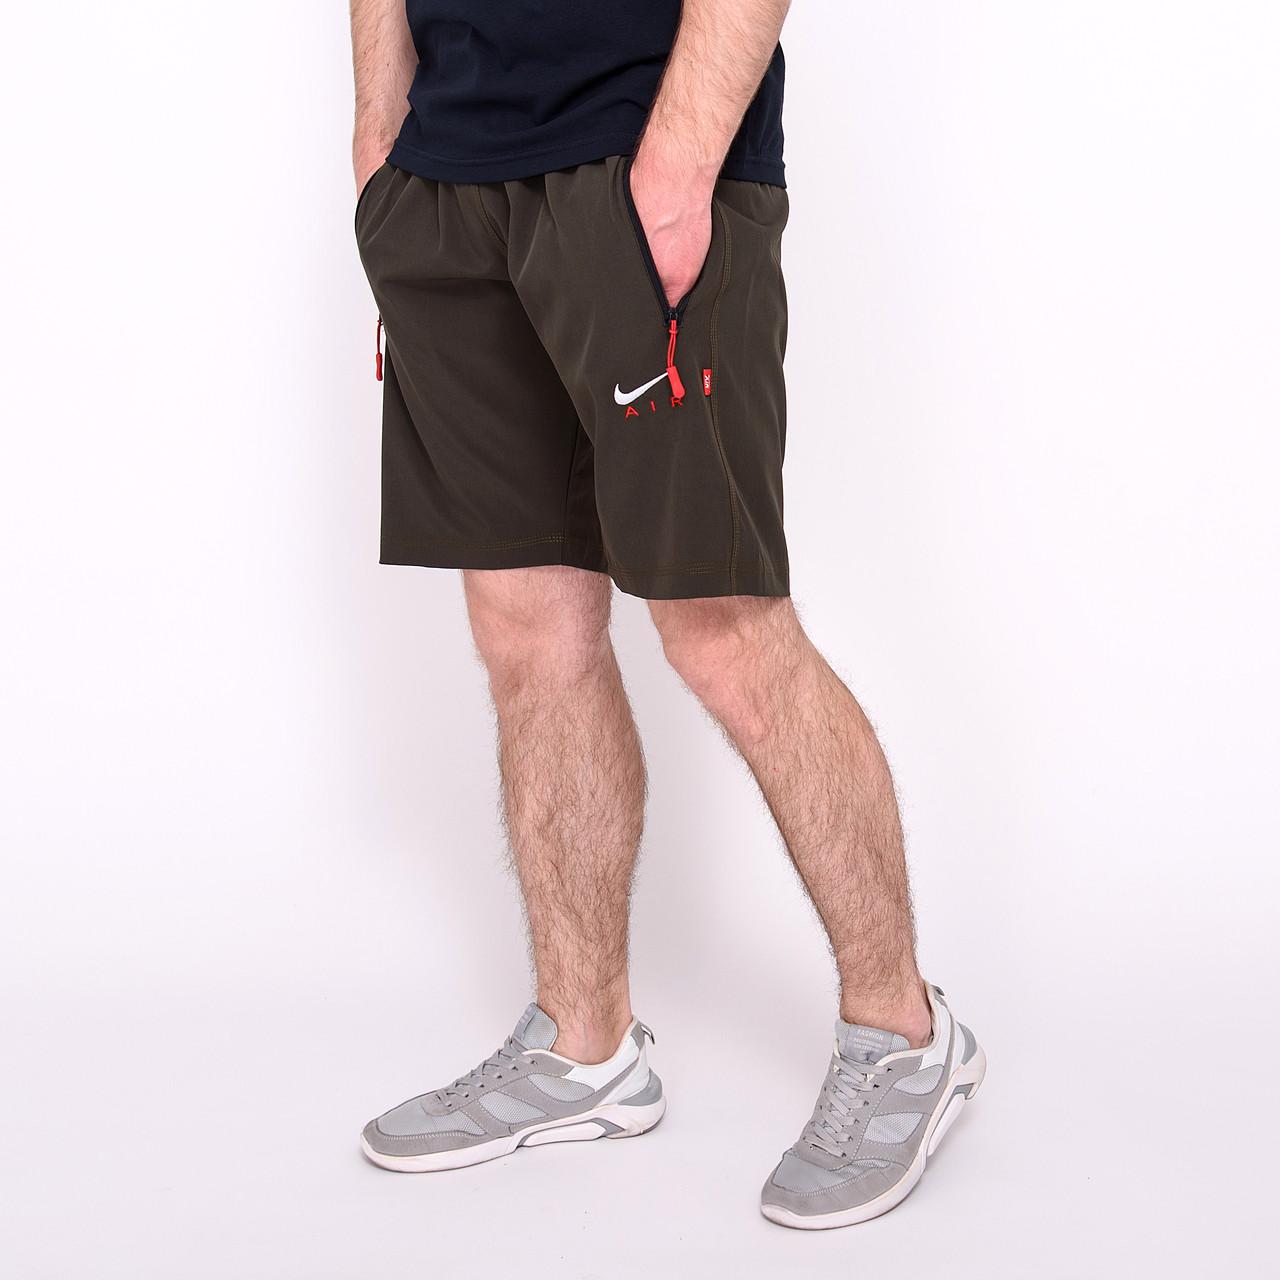 Чоловічі спортивні шорти Nike, кольору хакі (плащівка).